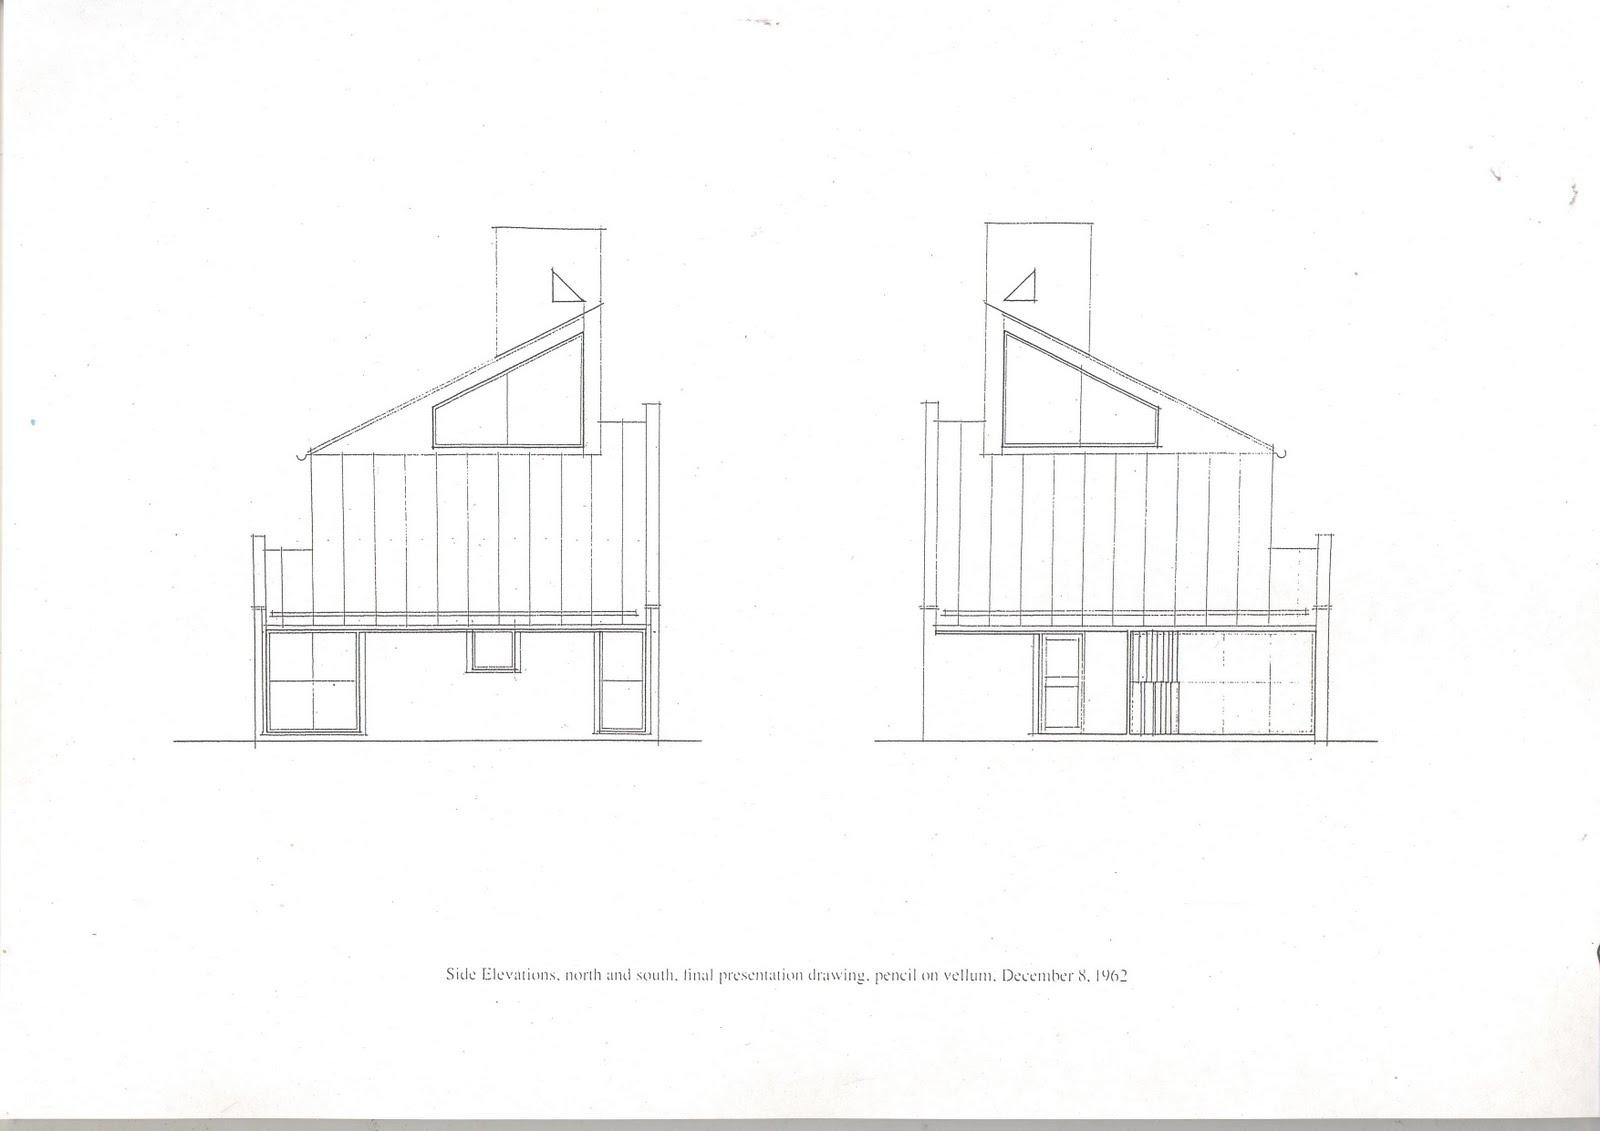 6 Vanna Venturi House Plan Section Elevation on fisher house elevation, vanna venturi interior, kaufmann house elevation, eames house elevation, vanna venturi sections dimensions, tugendhat house elevation,